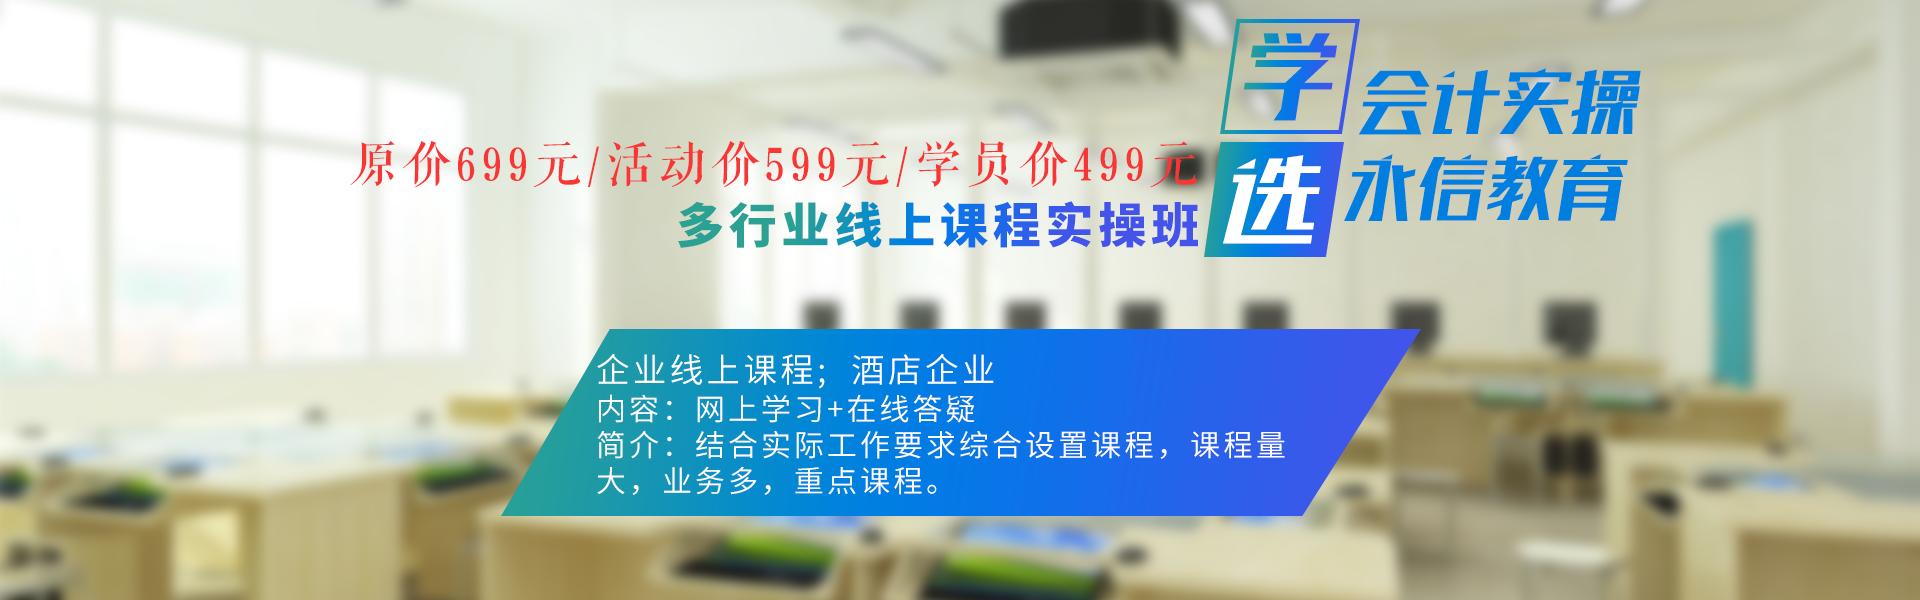 内页banner酒店企业.png